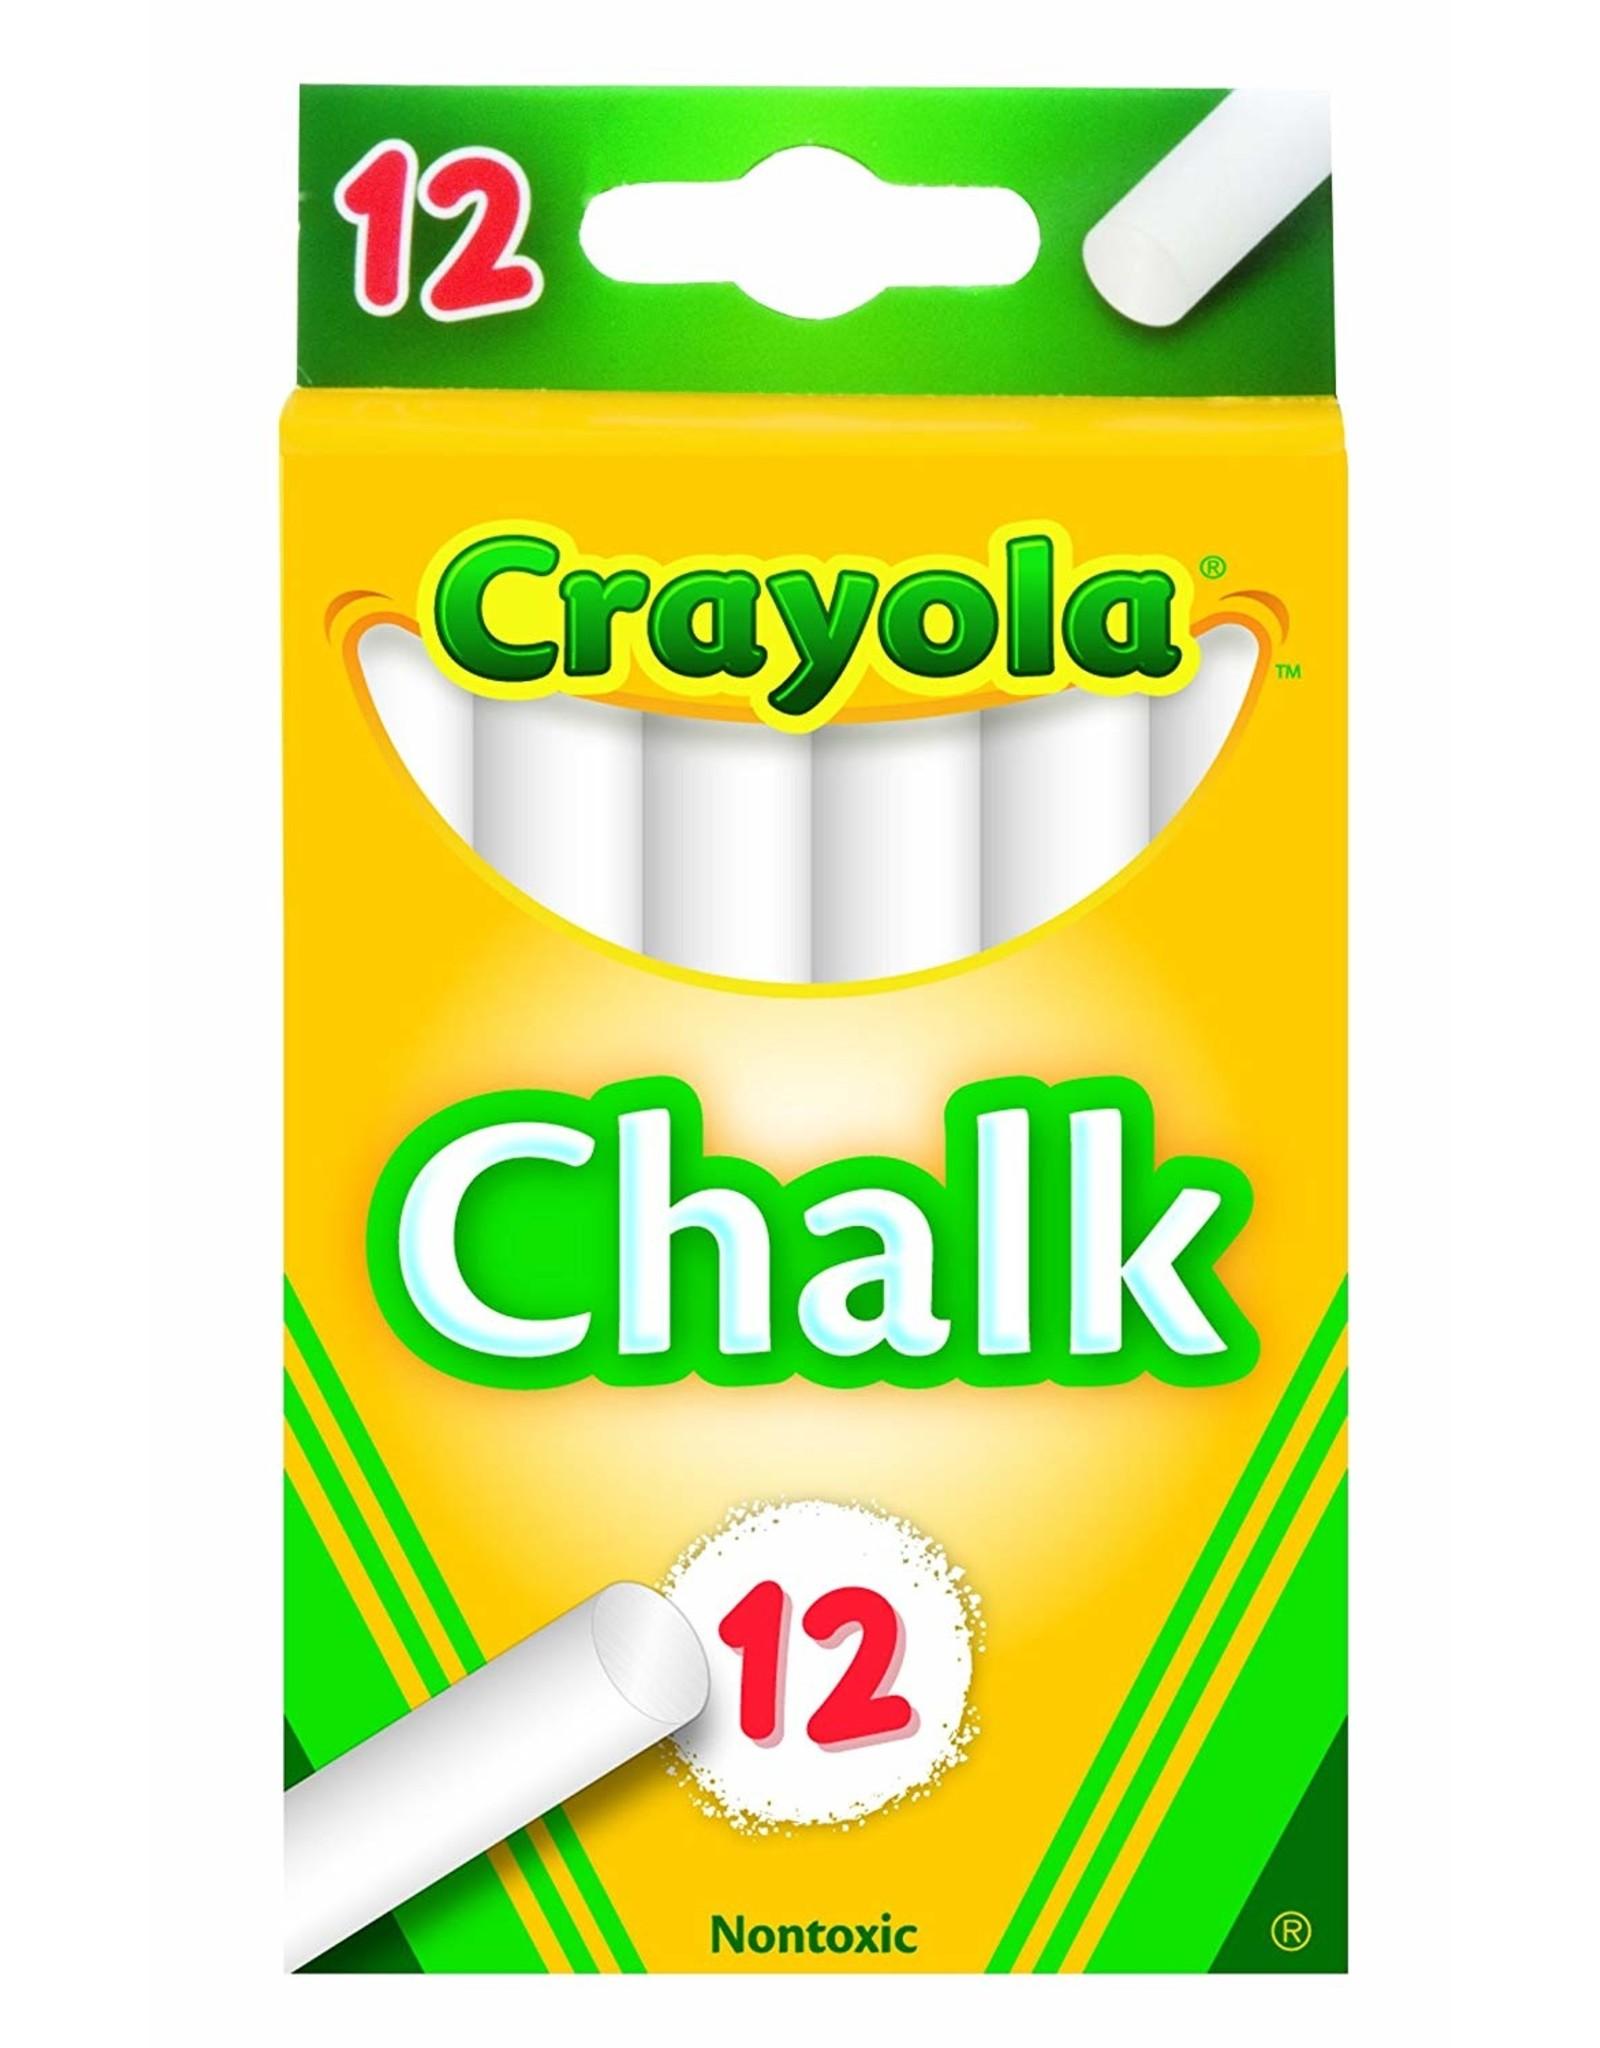 Crayola White Chalk 12 Count